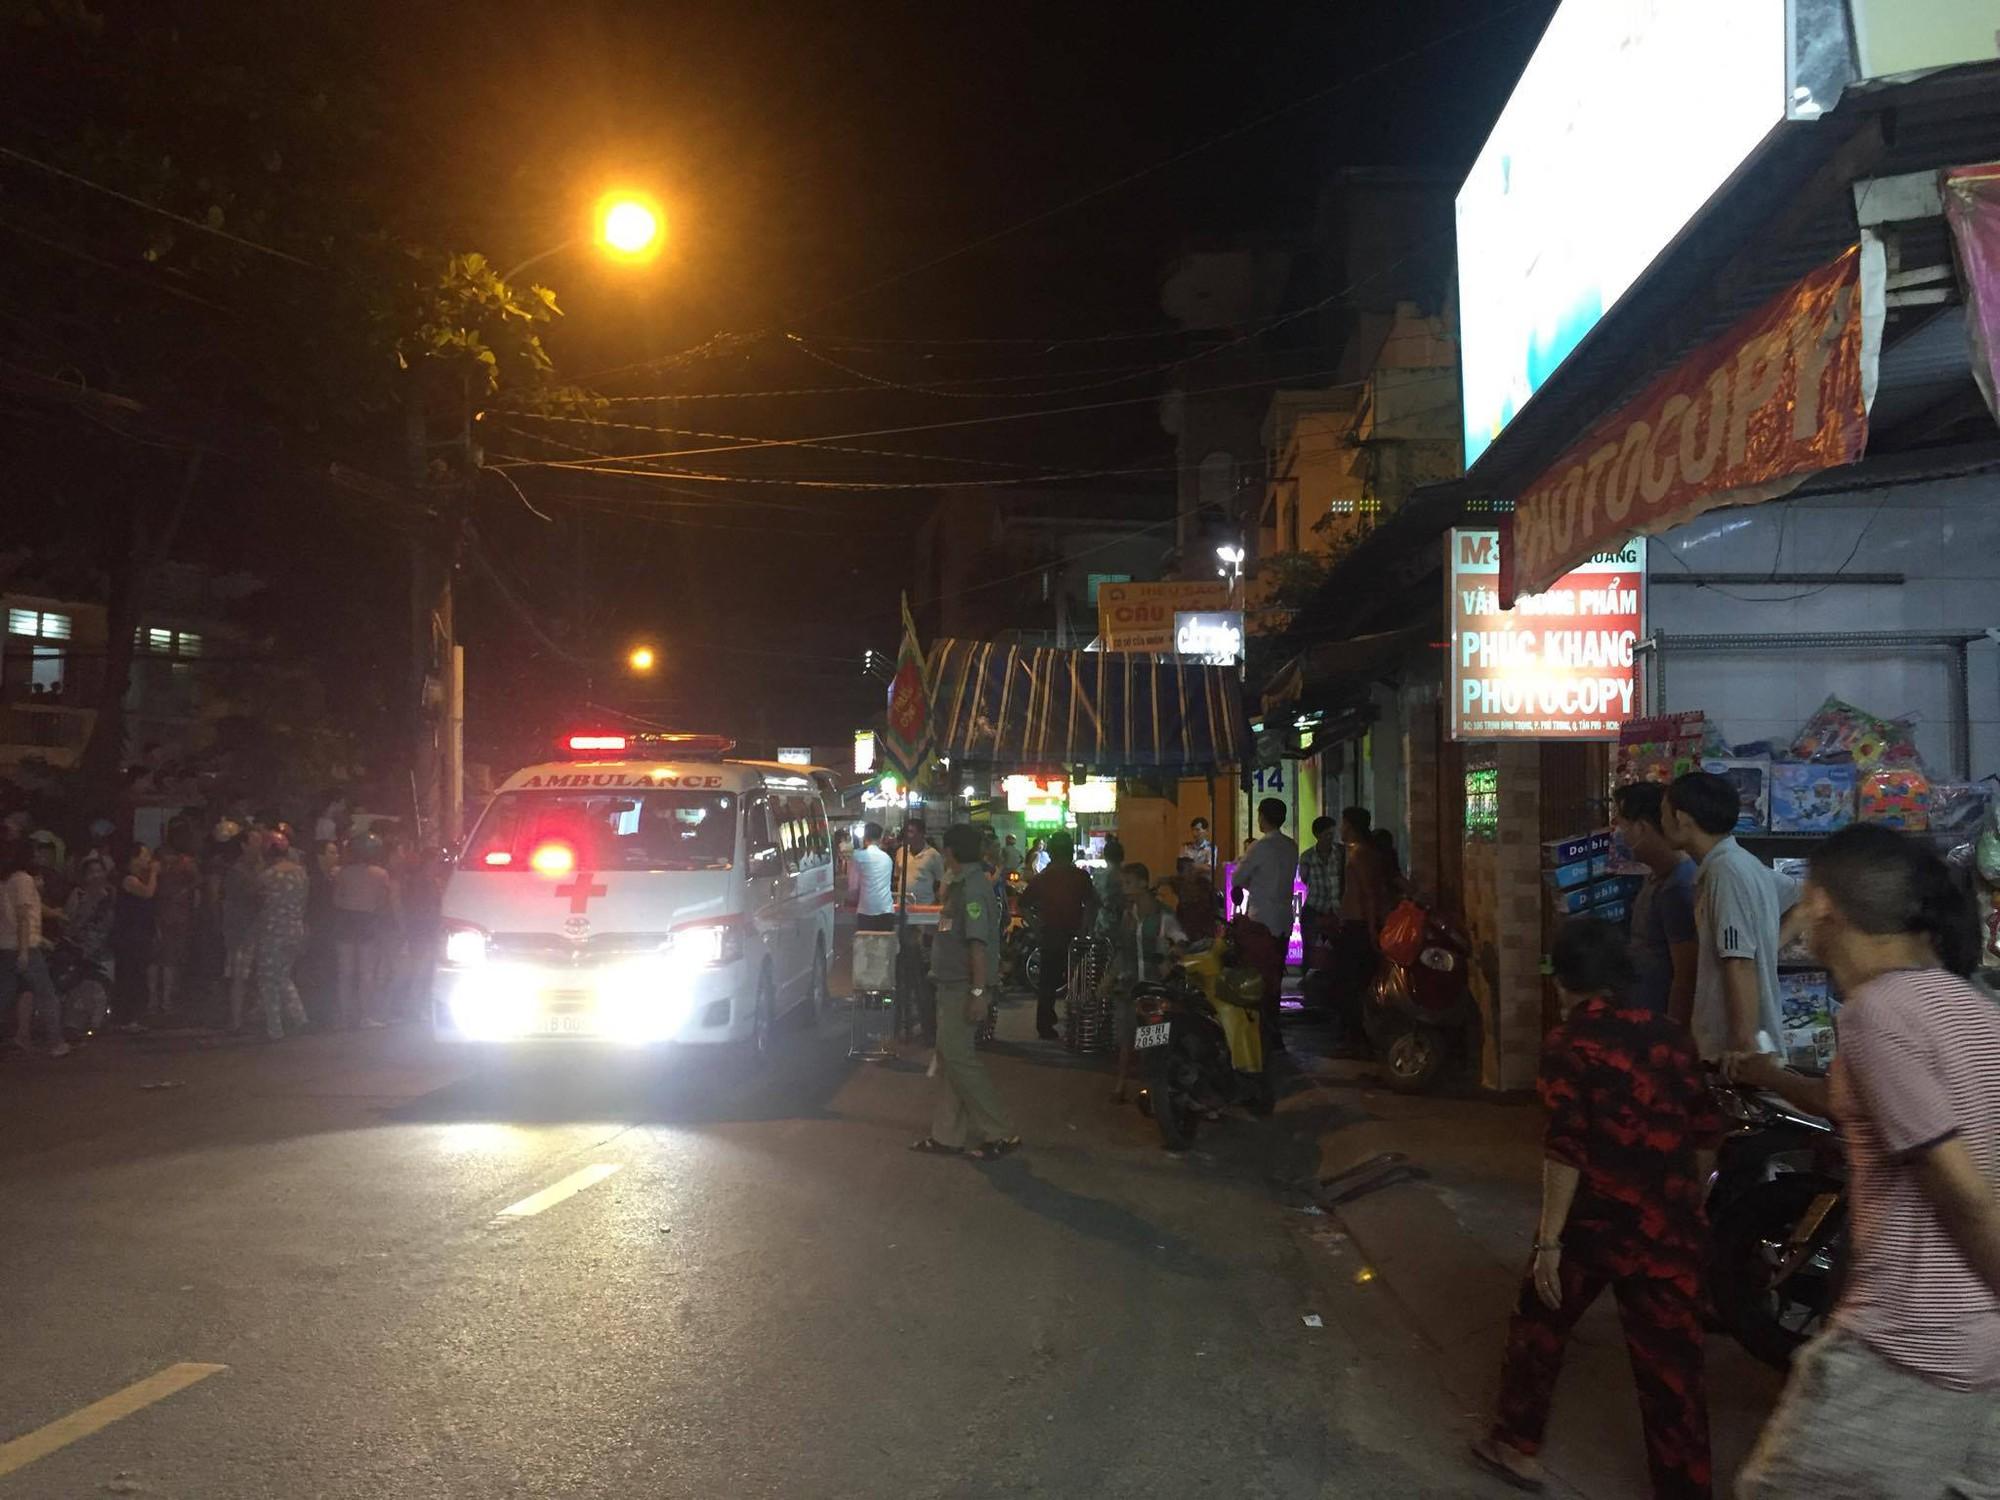 Đang đi mua bánh, bé trai 6 tuổi bị bảo vệ dân phố dùng dao sát hại giữa đường Sài Gòn - Ảnh 4.